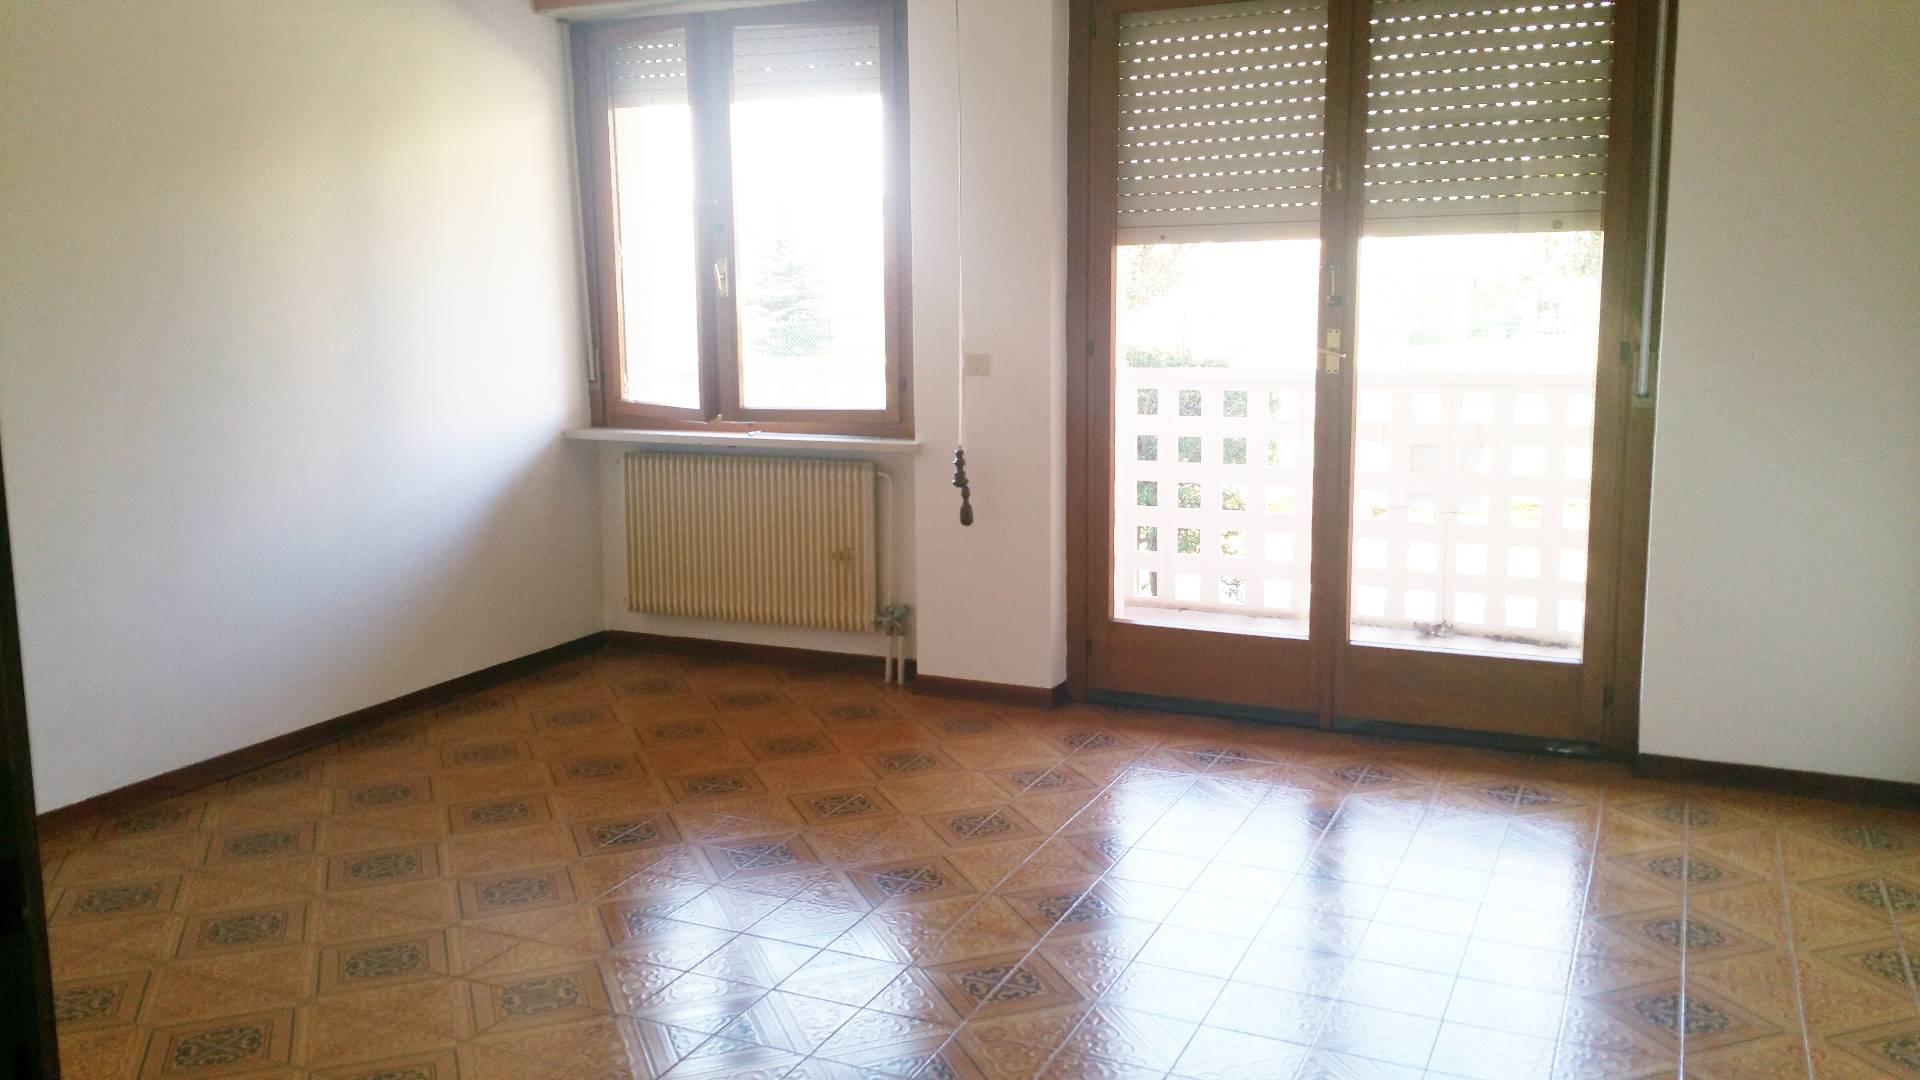 Appartamento in vendita a Tricesimo, 4 locali, prezzo € 89.000 | Cambio Casa.it